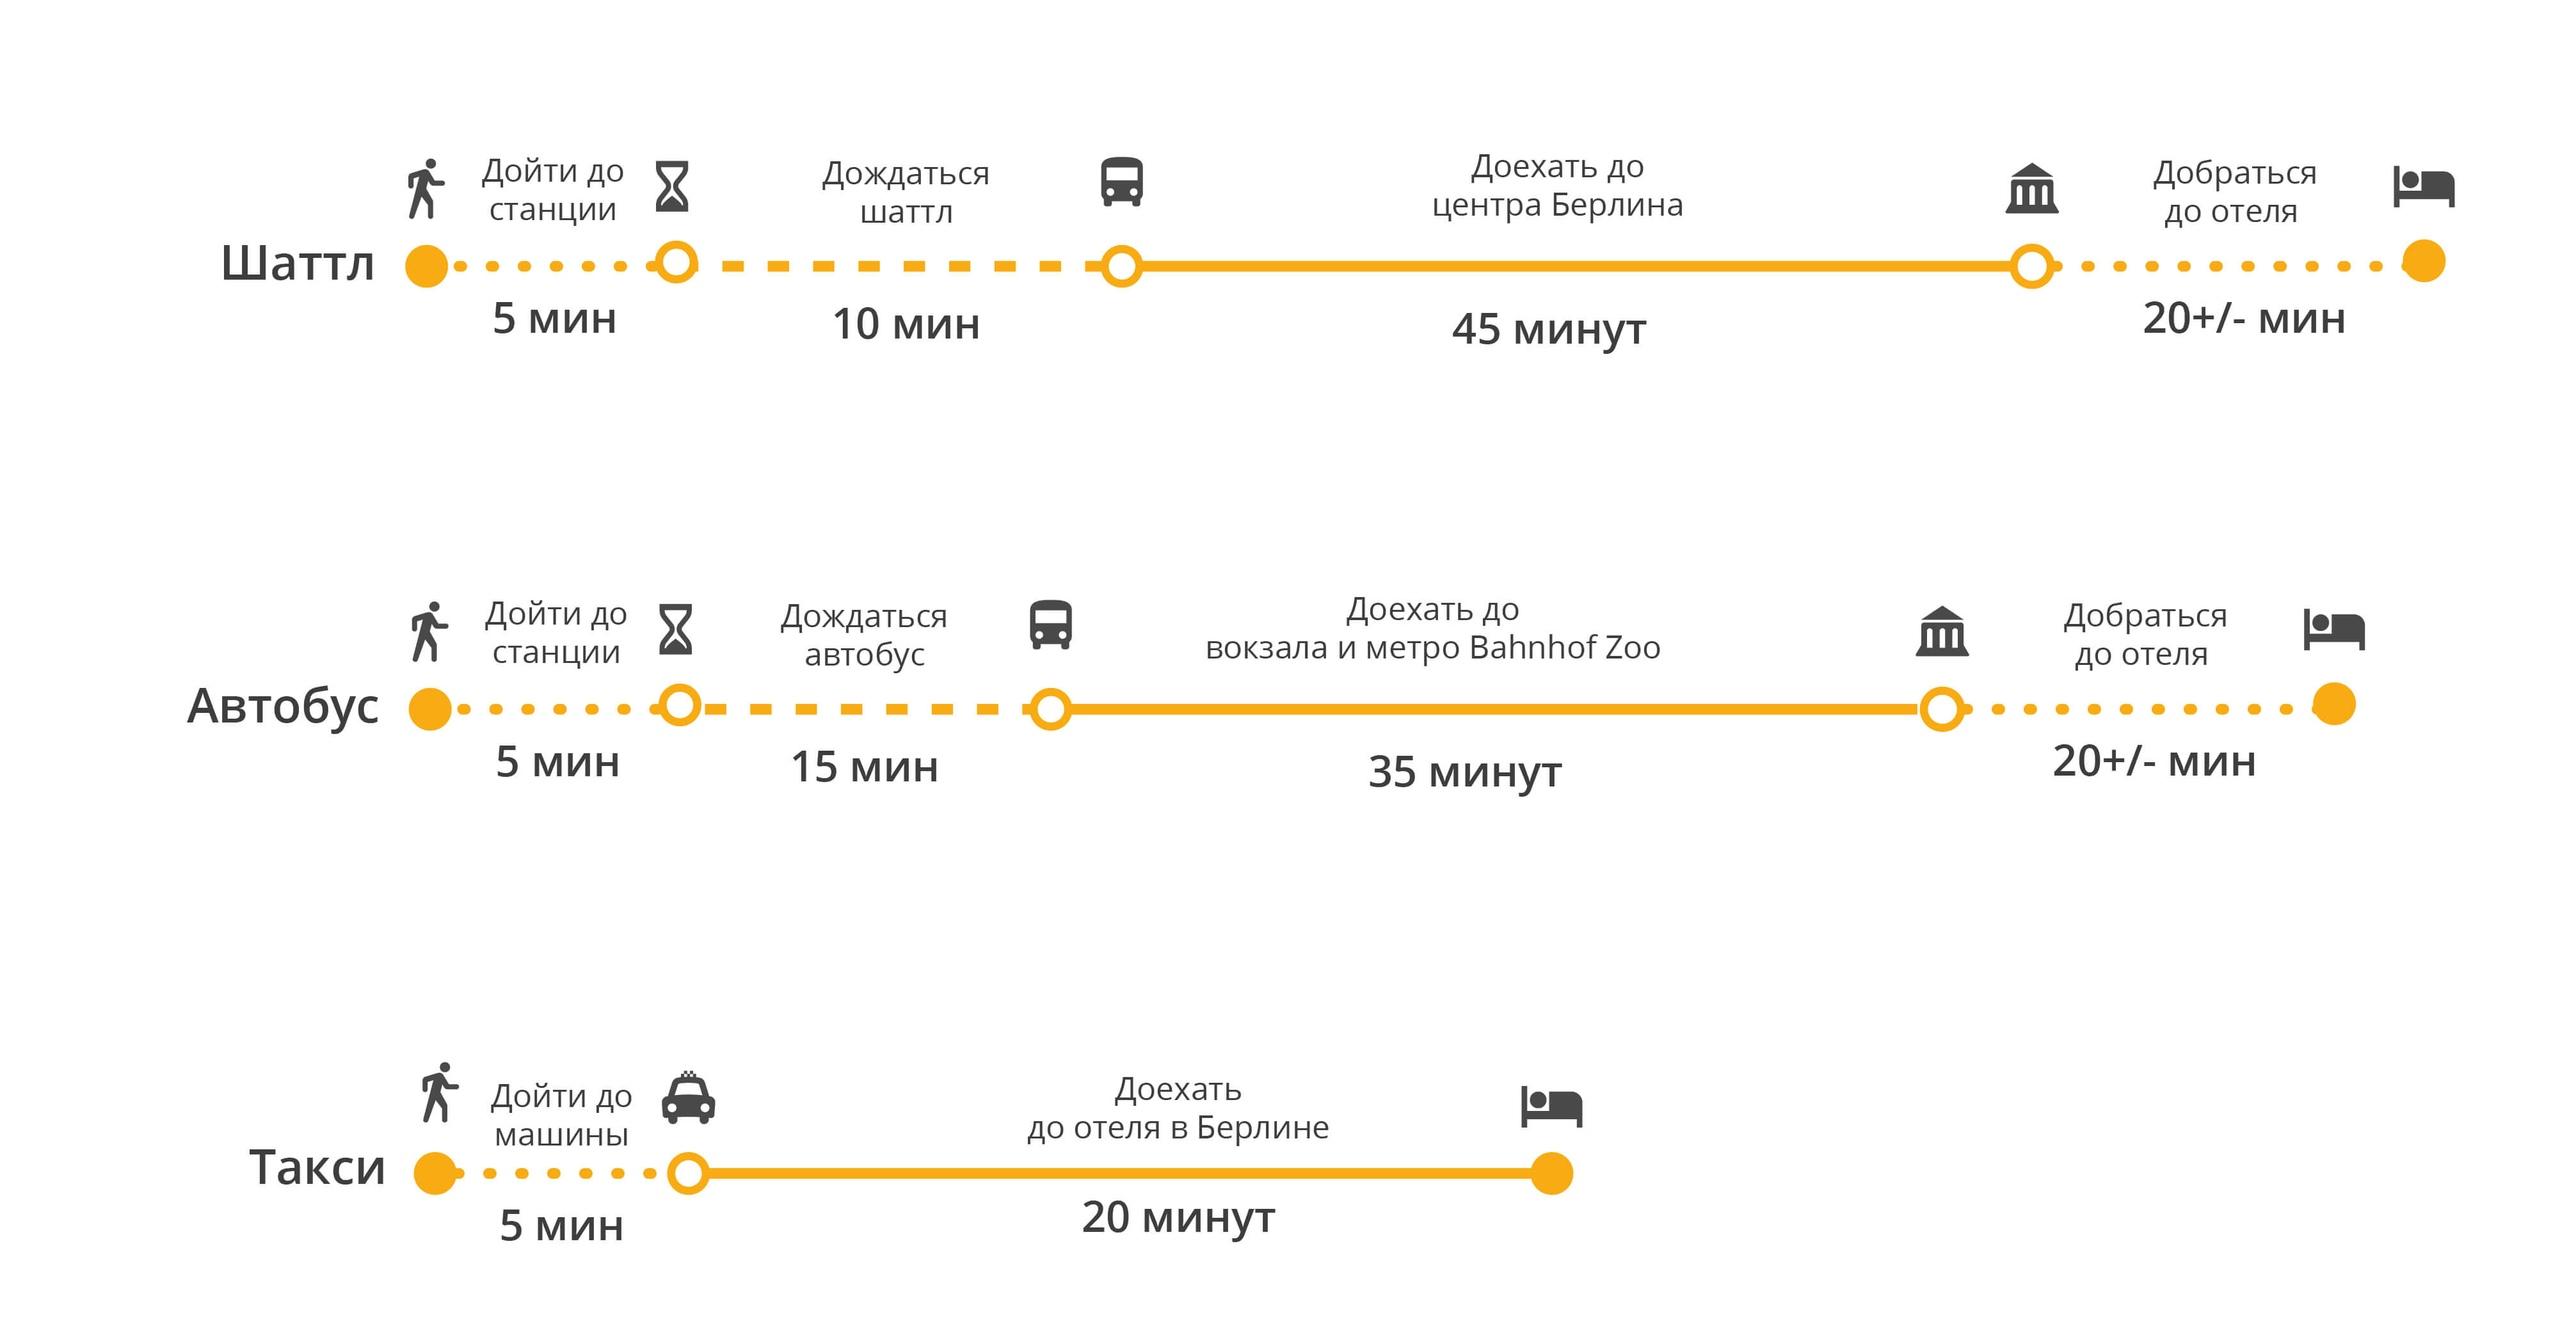 Сравнение разных способов добраться до центра Берлина из аэропорта Тегель